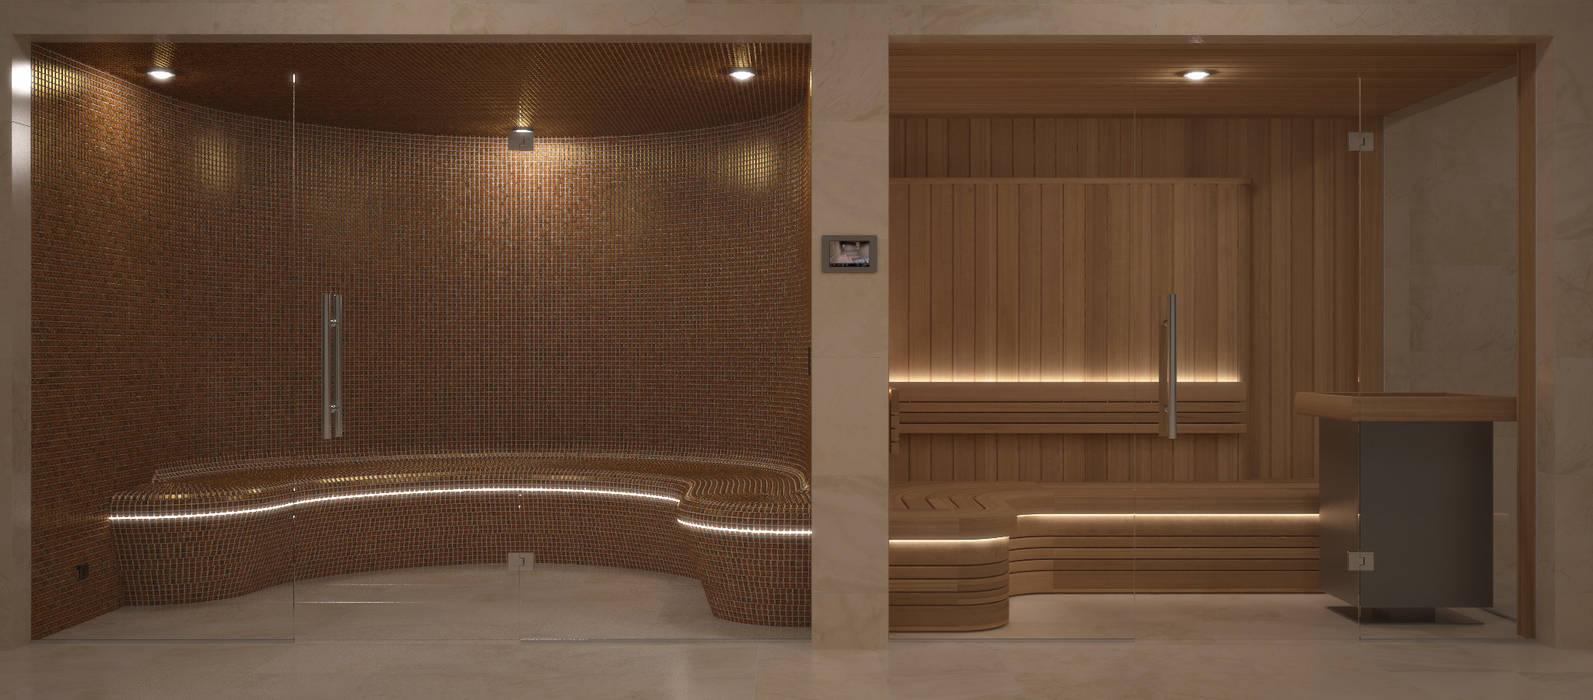 Steam and Sauna Design & Installation.:  Spa by Nordic Saunas and Steam , Modern